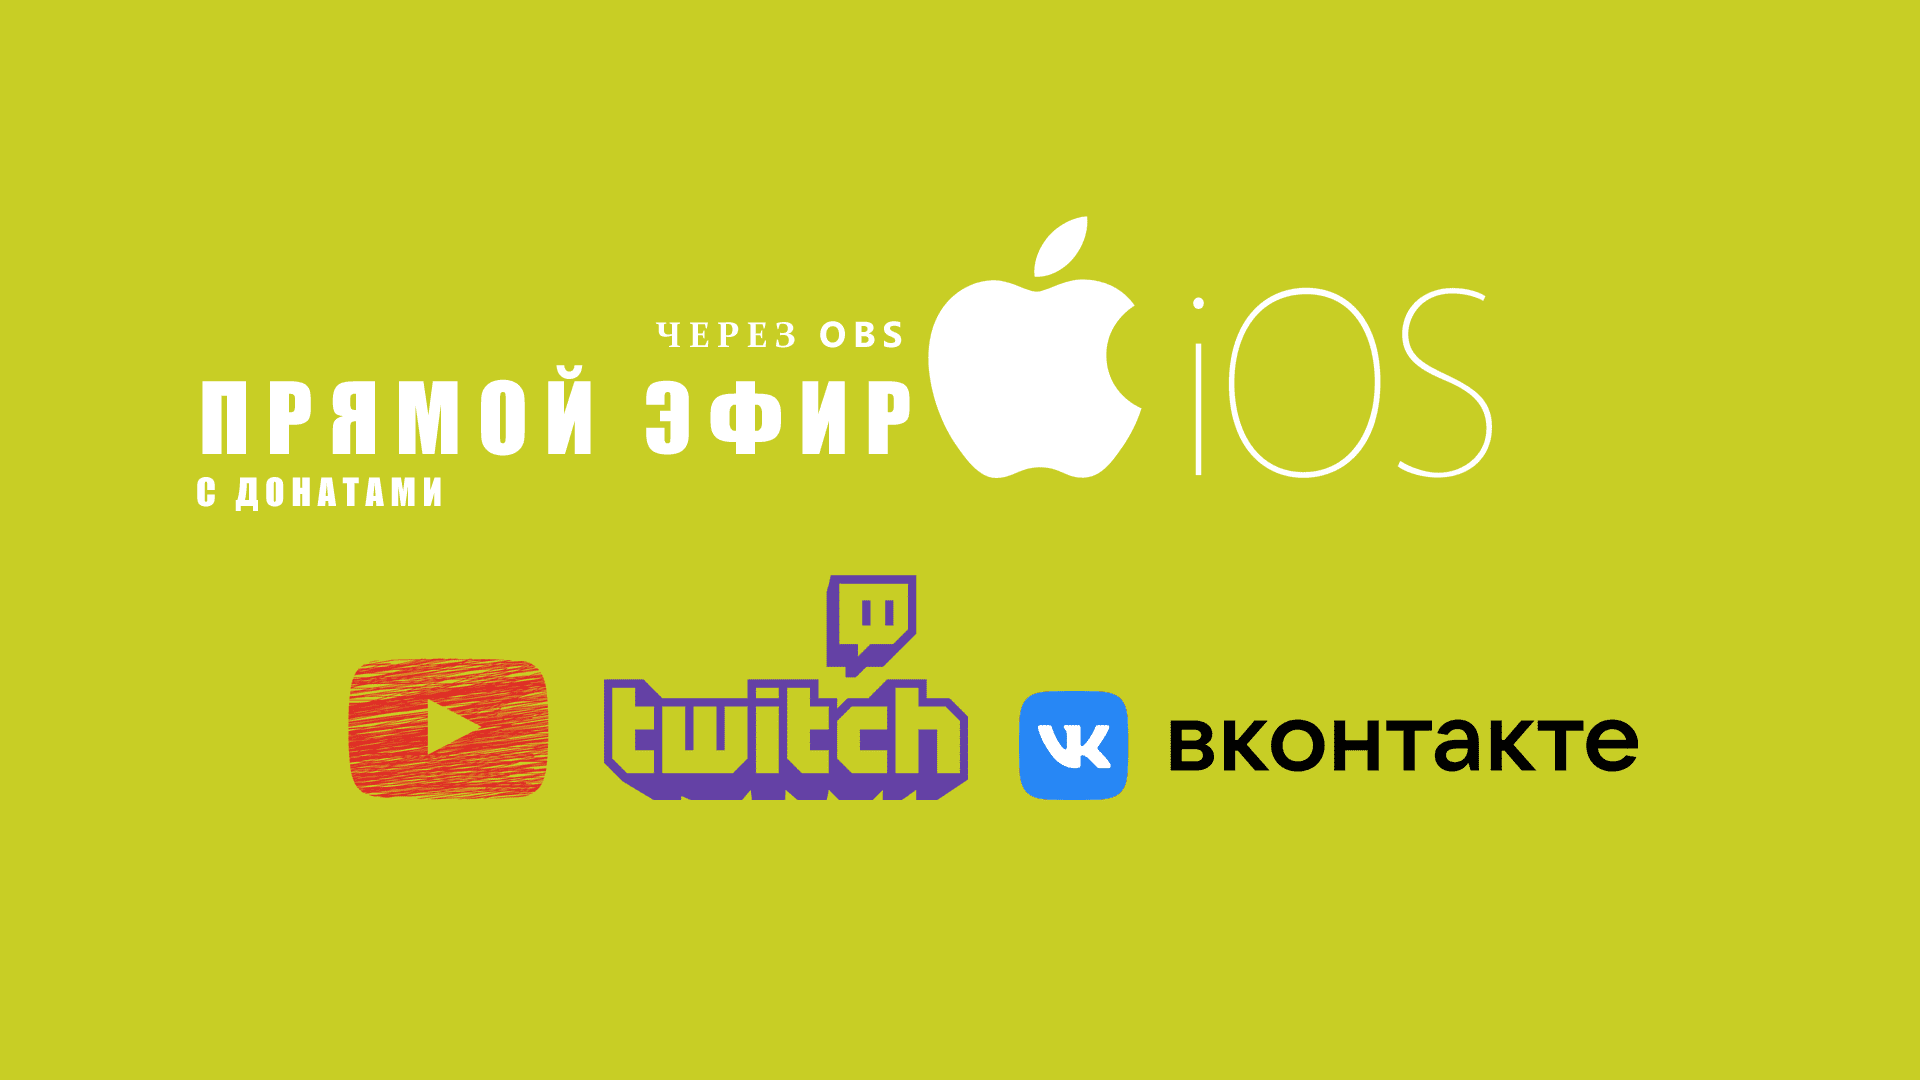 Прямой эфир с iOS через OBS